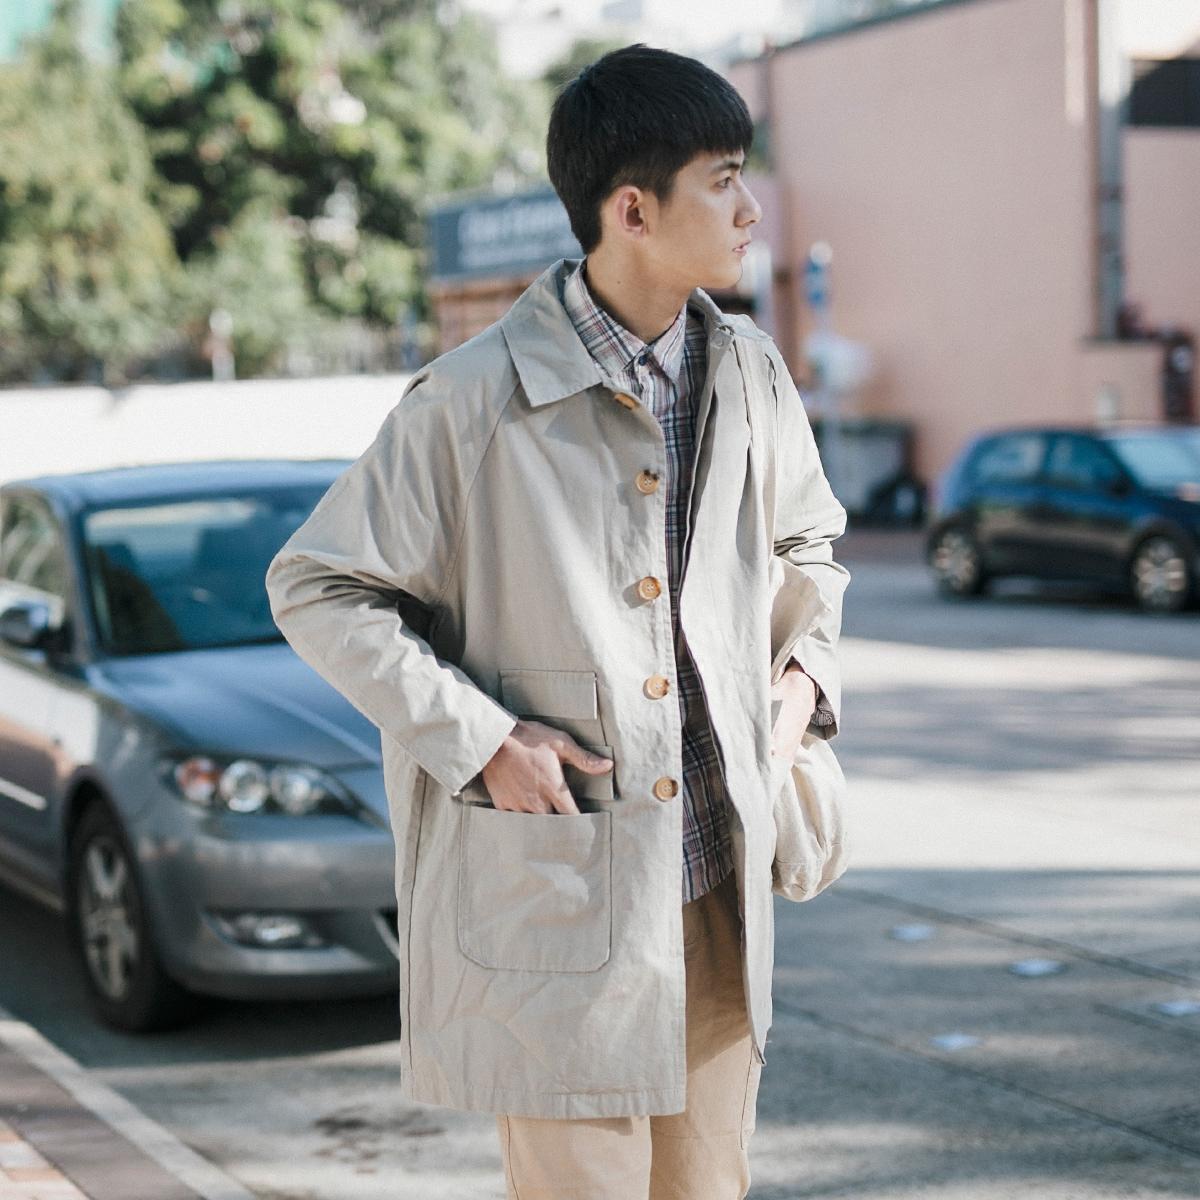 GBOY春季简约纯色中长款风衣男日系青年潮流翻领口袋装饰休闲外套